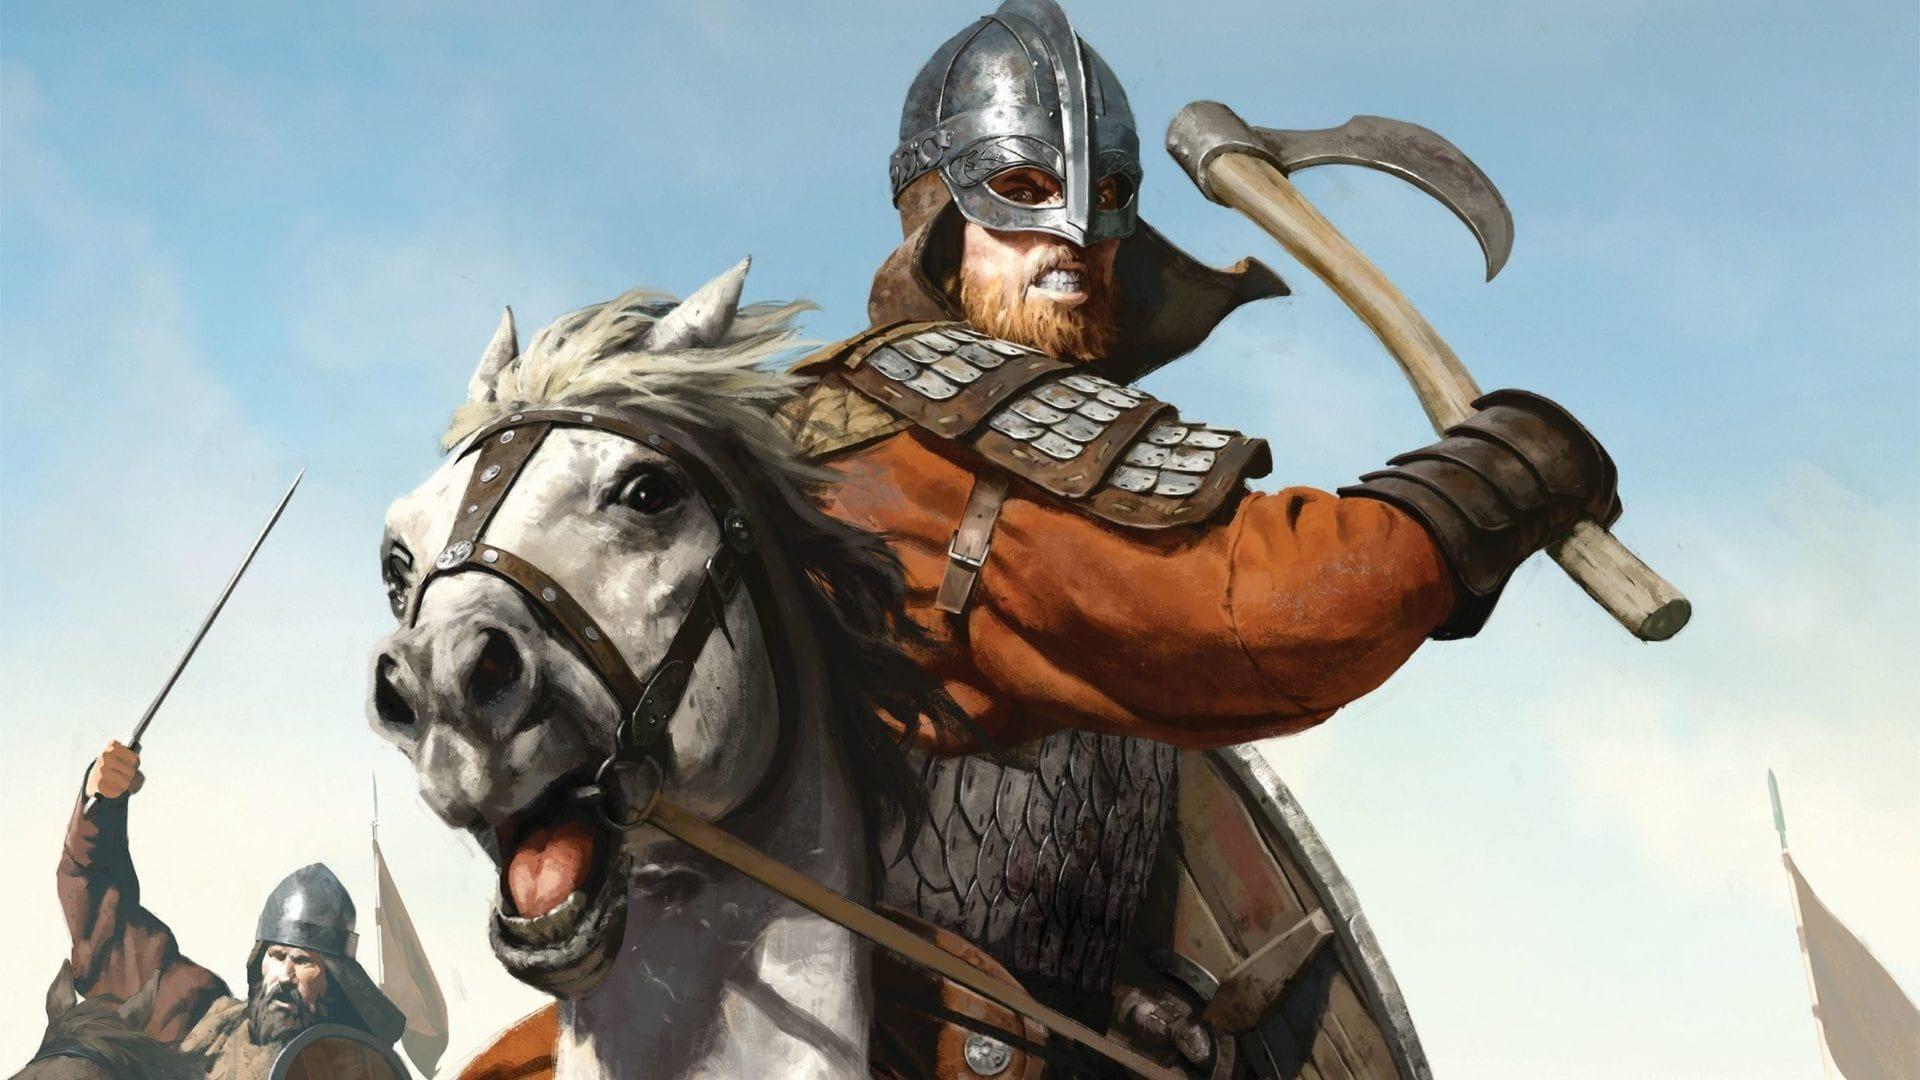 Разработчики Mount & Blade 2: Bannerlord поделились подробными планами улучшения одиночной игры и обновлений движка